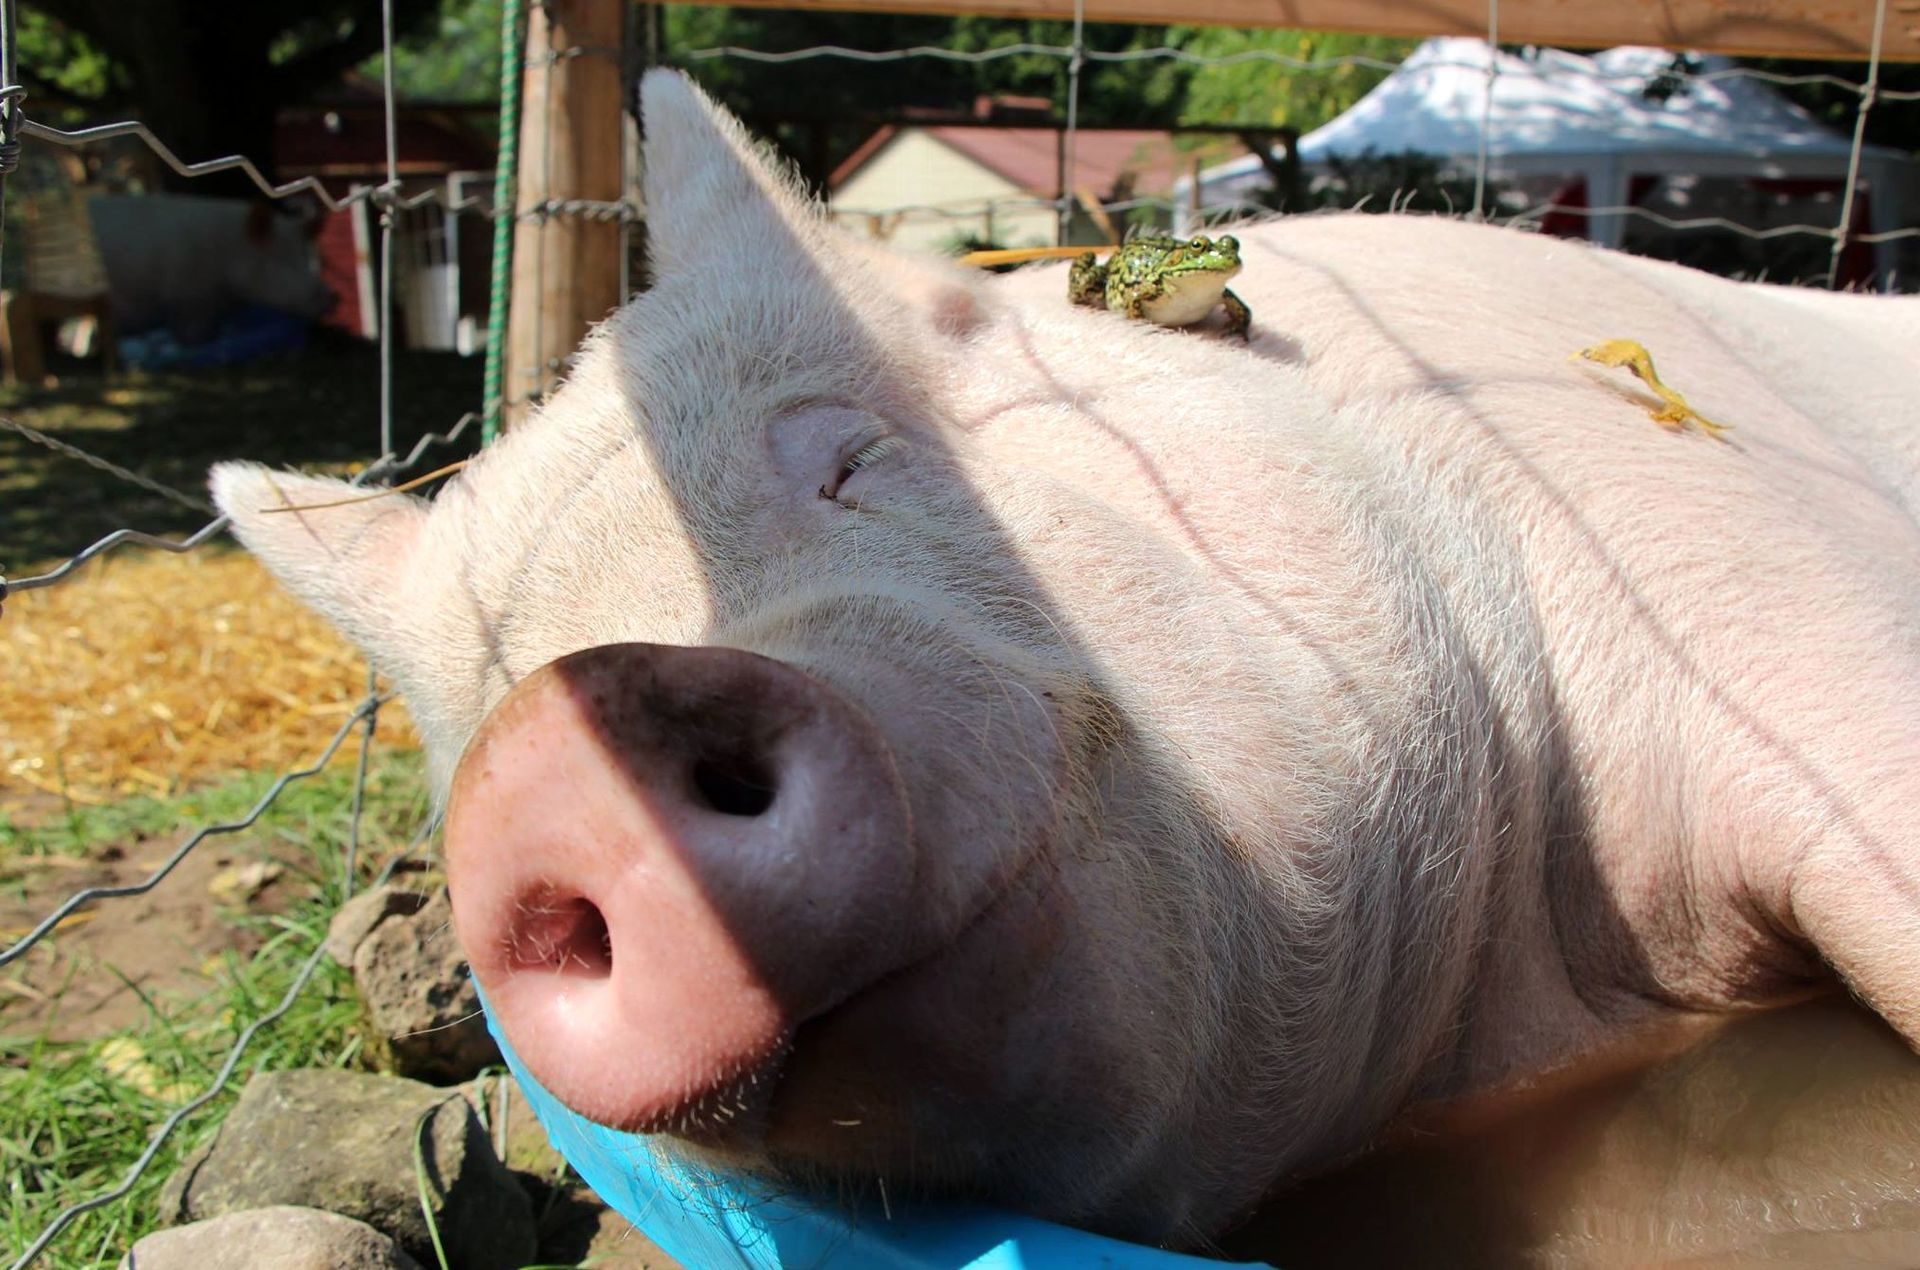 аллеи, картинки с прикольными свиньями убранство дворцов